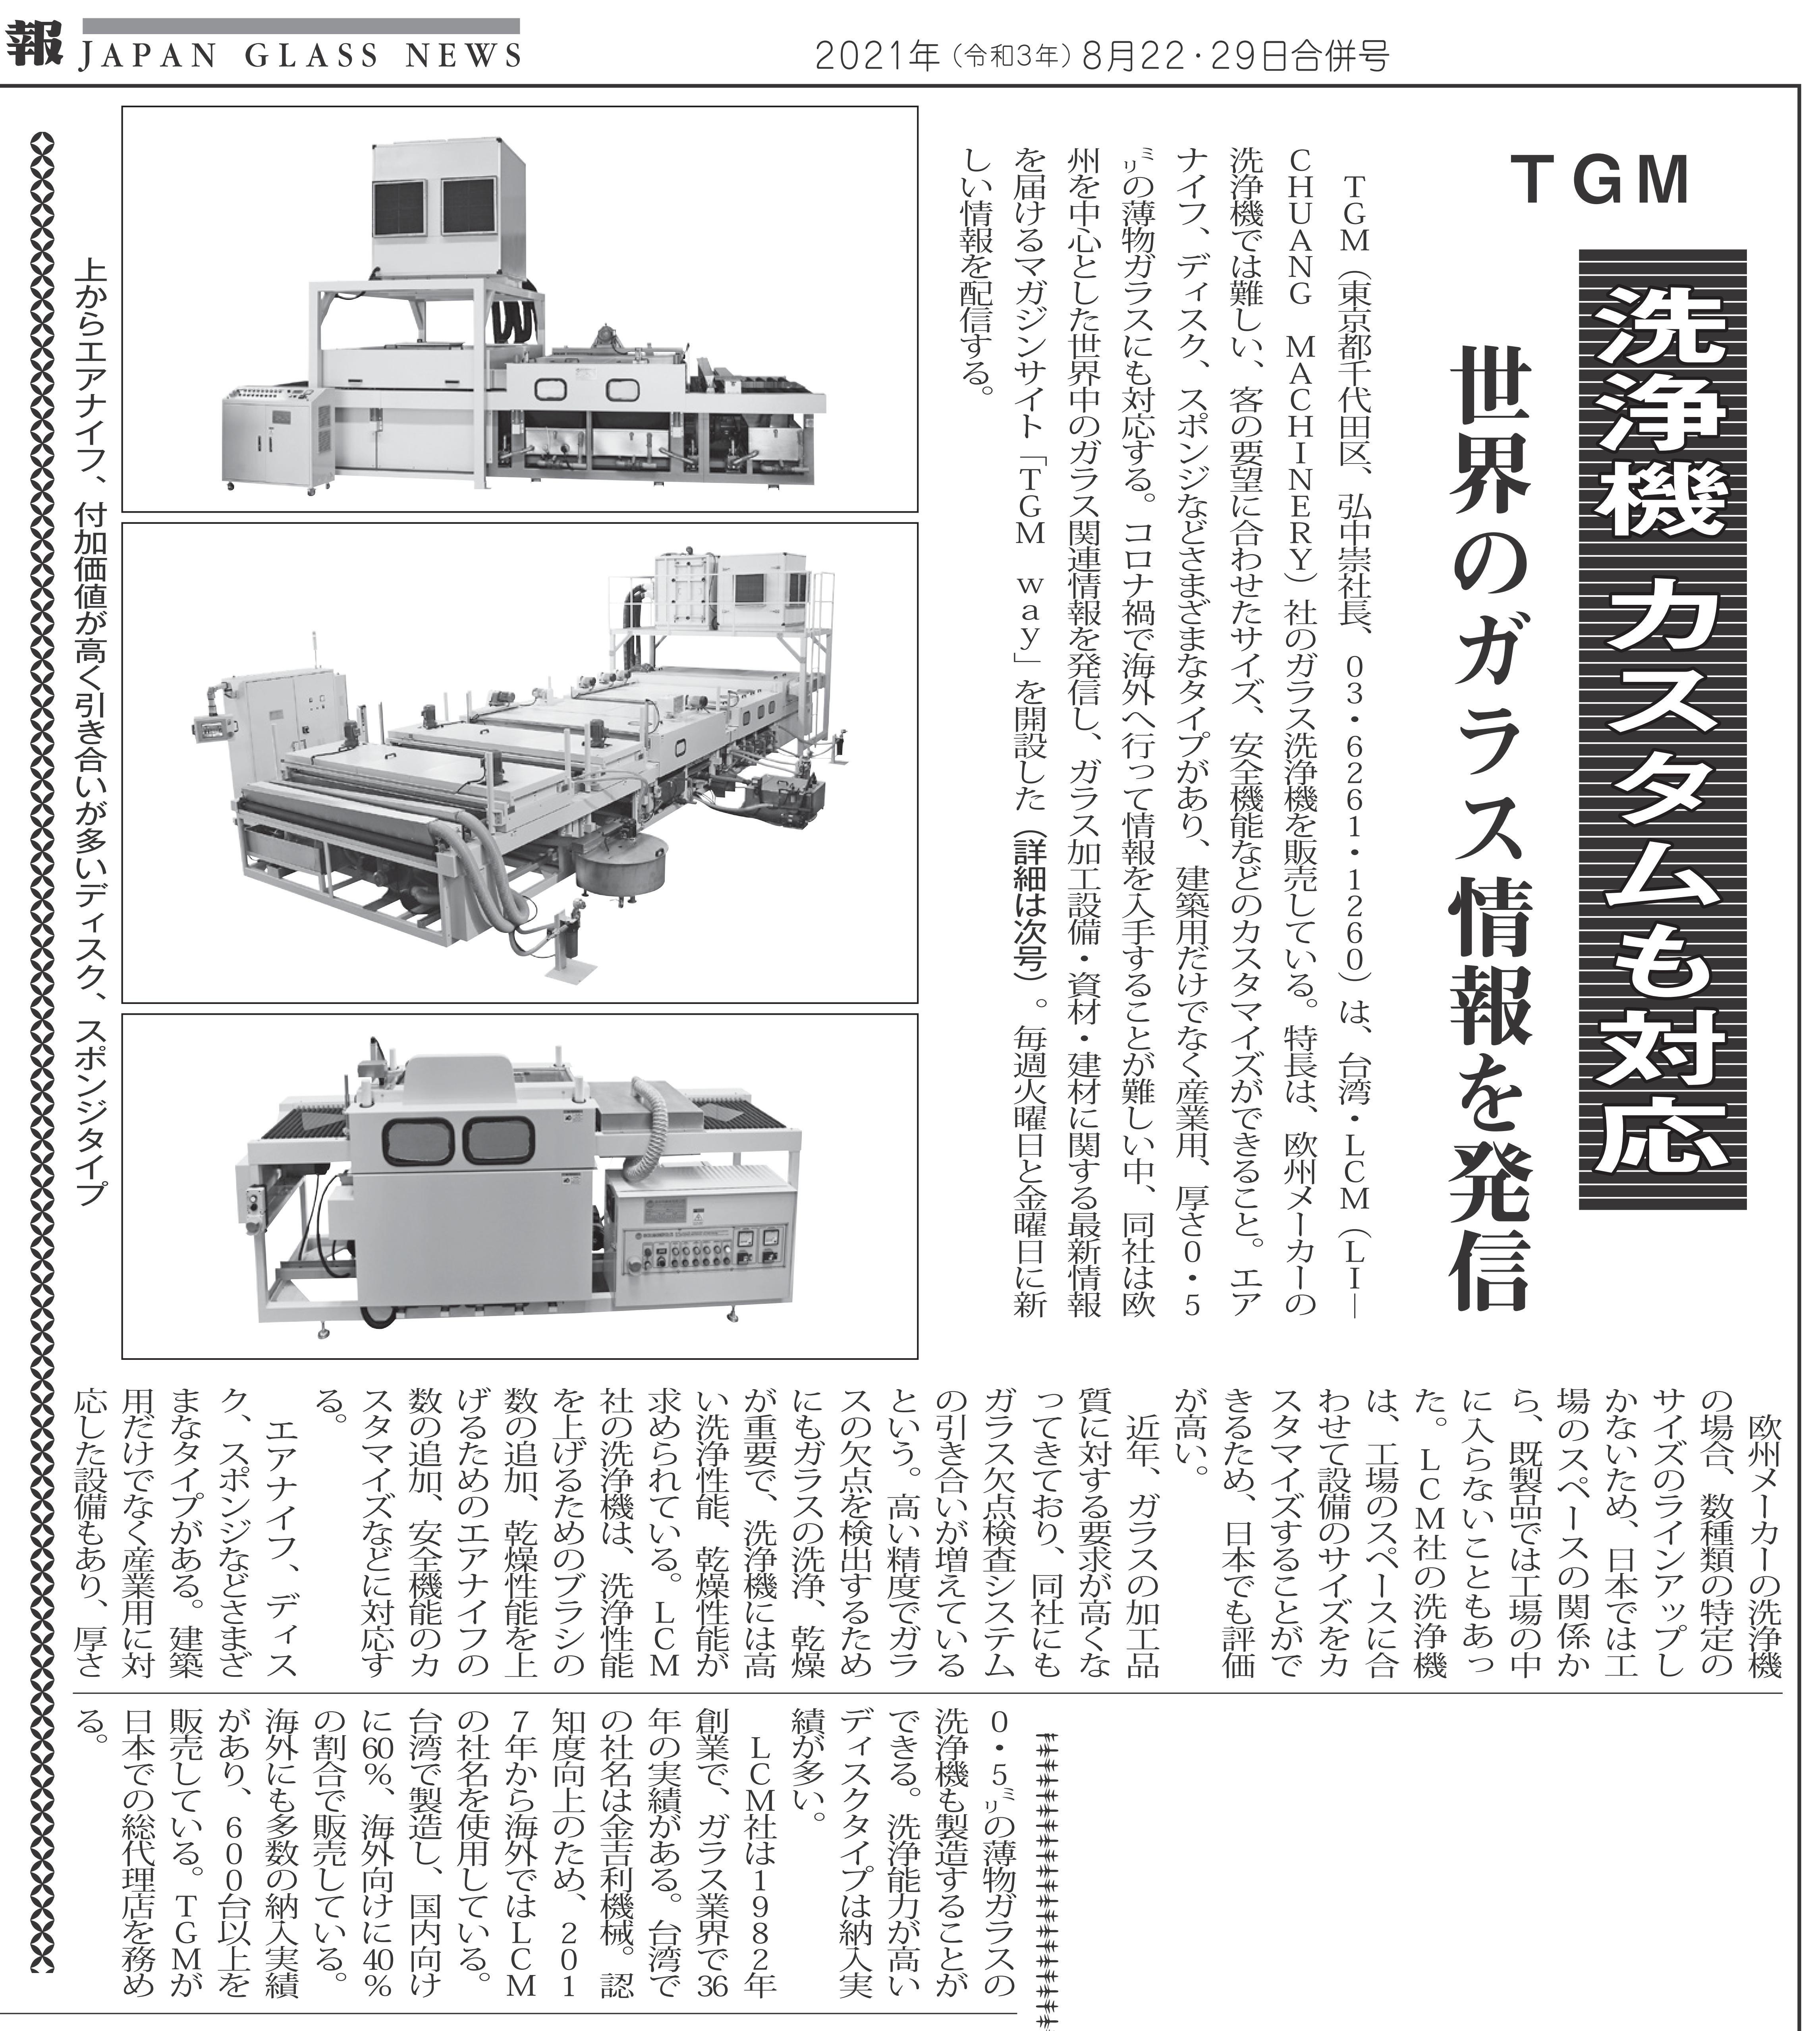 2021.08.22-29 合併号 ガラス・建装時報 記事.jpg